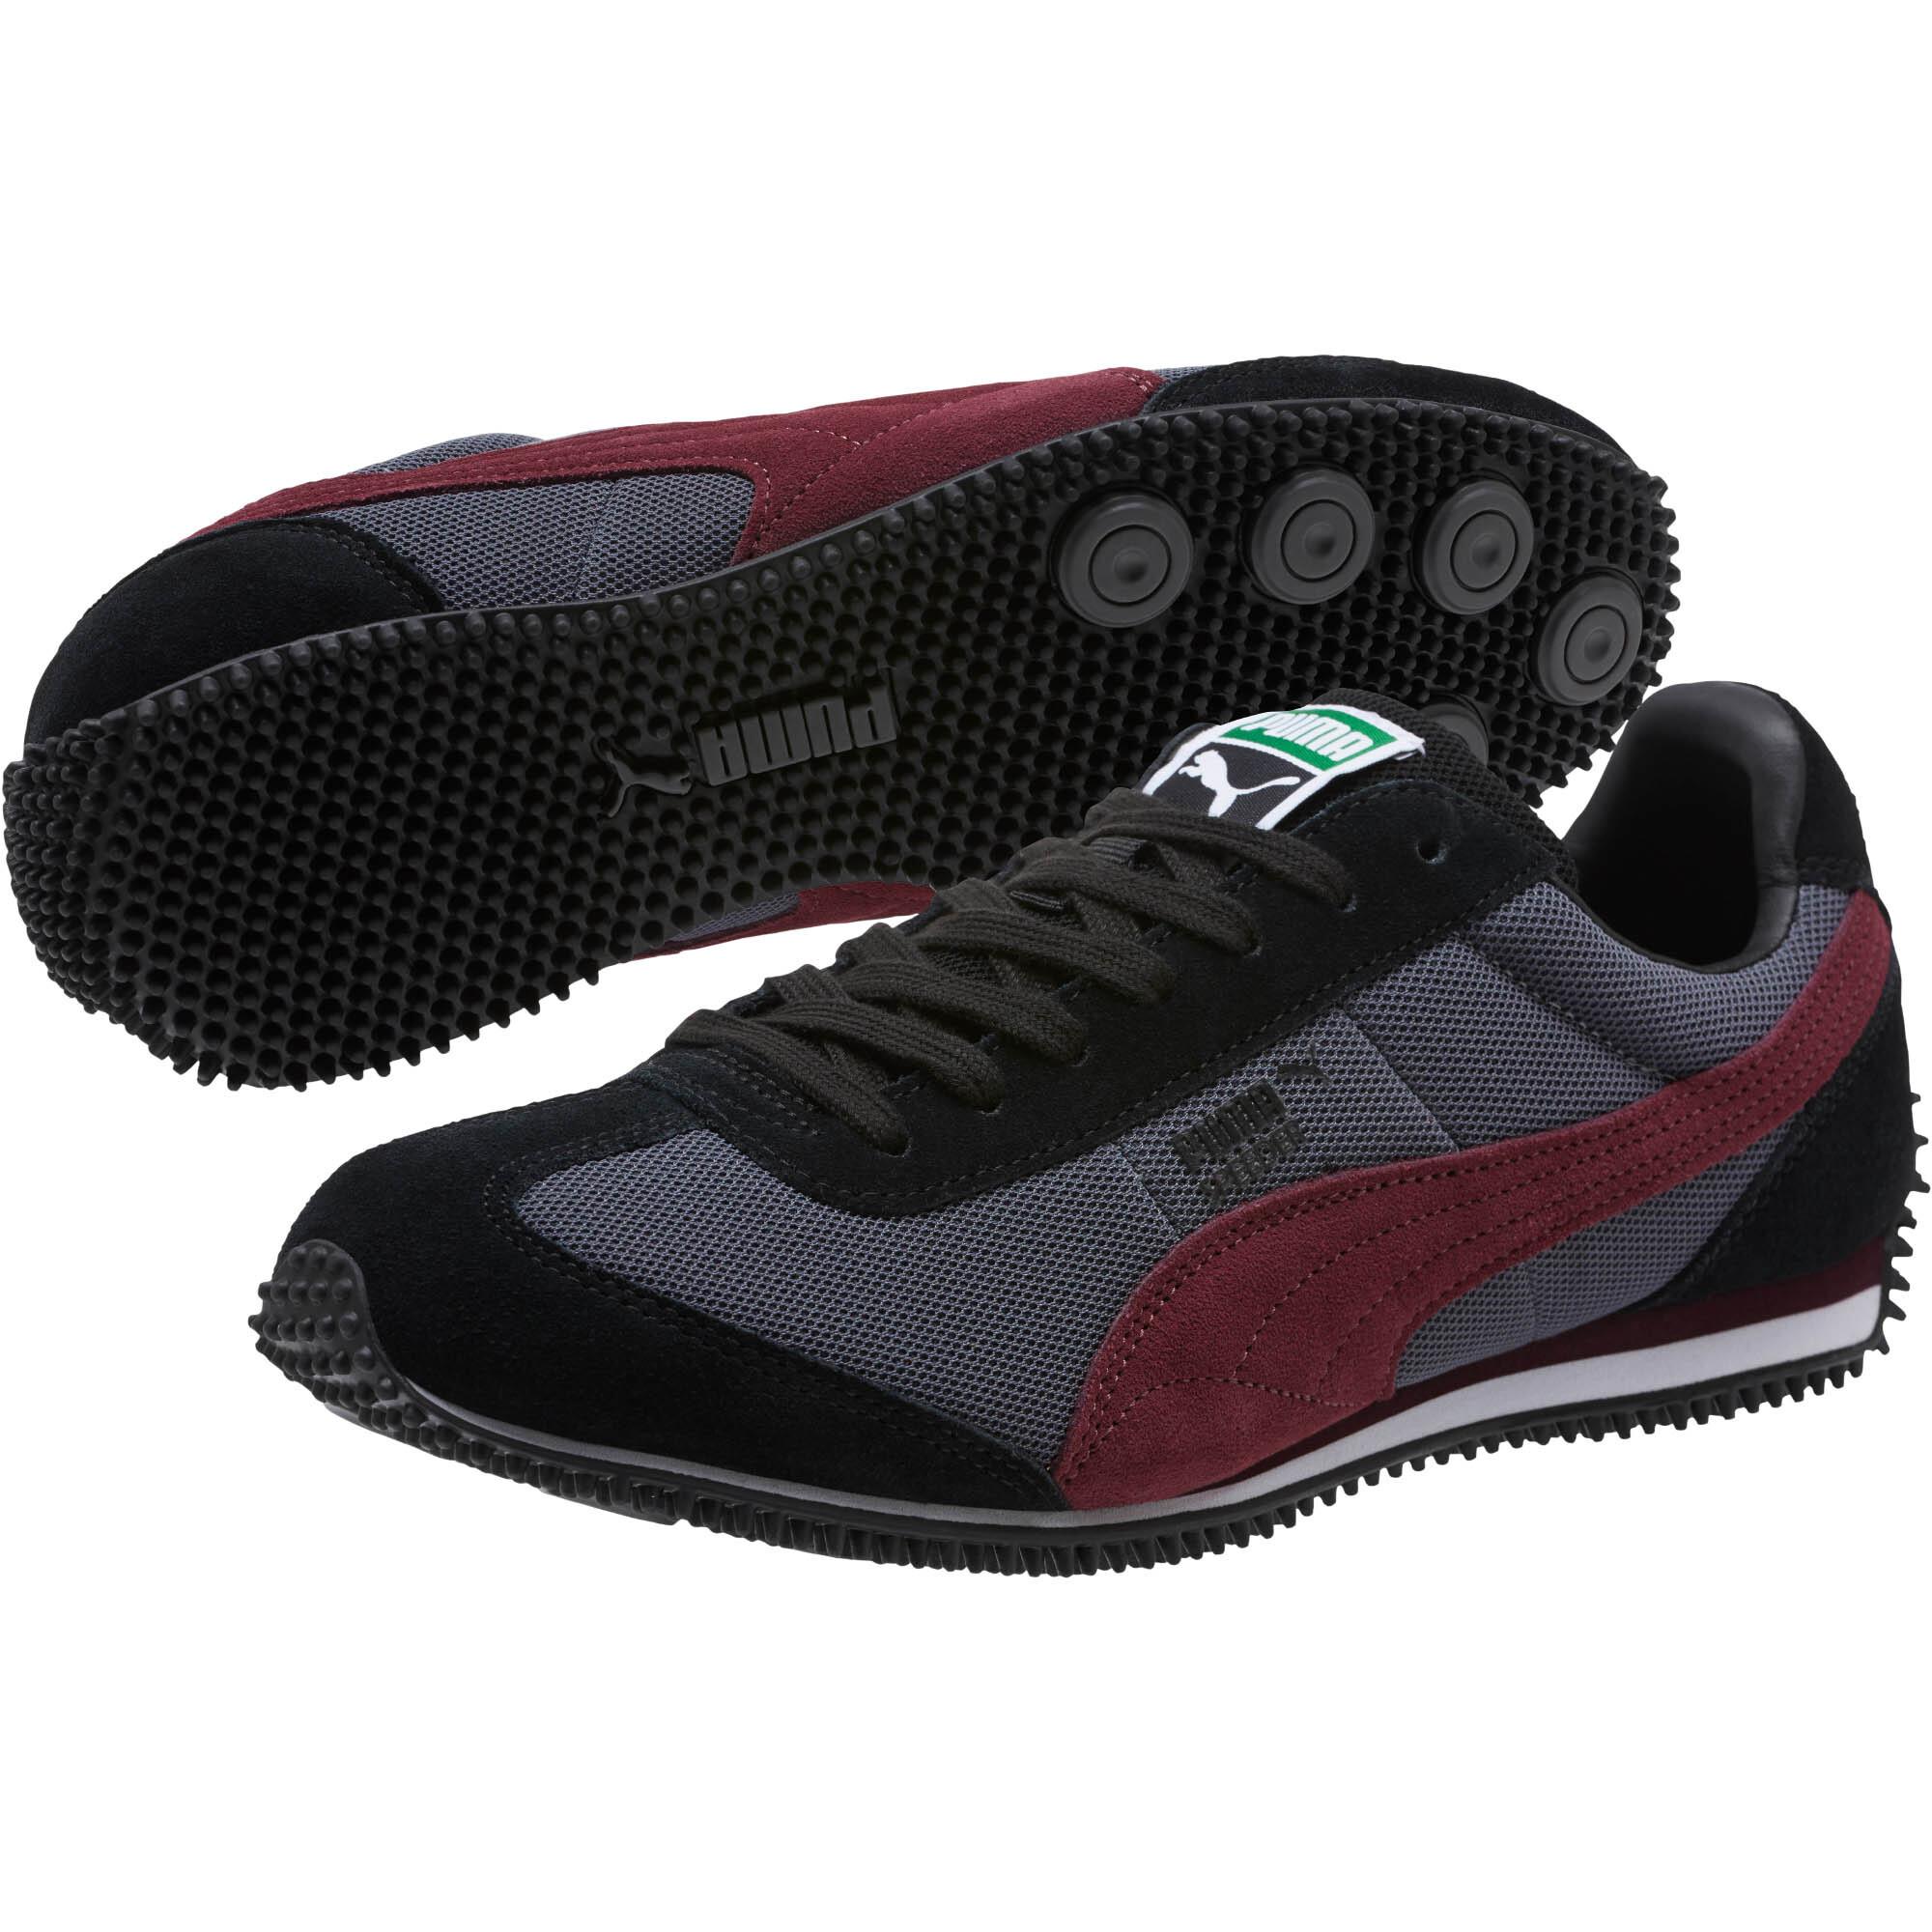 sports shoes 706d4 77b29 Details about PUMA Speeder Mesh Sneakers Men Shoe Sport Classics